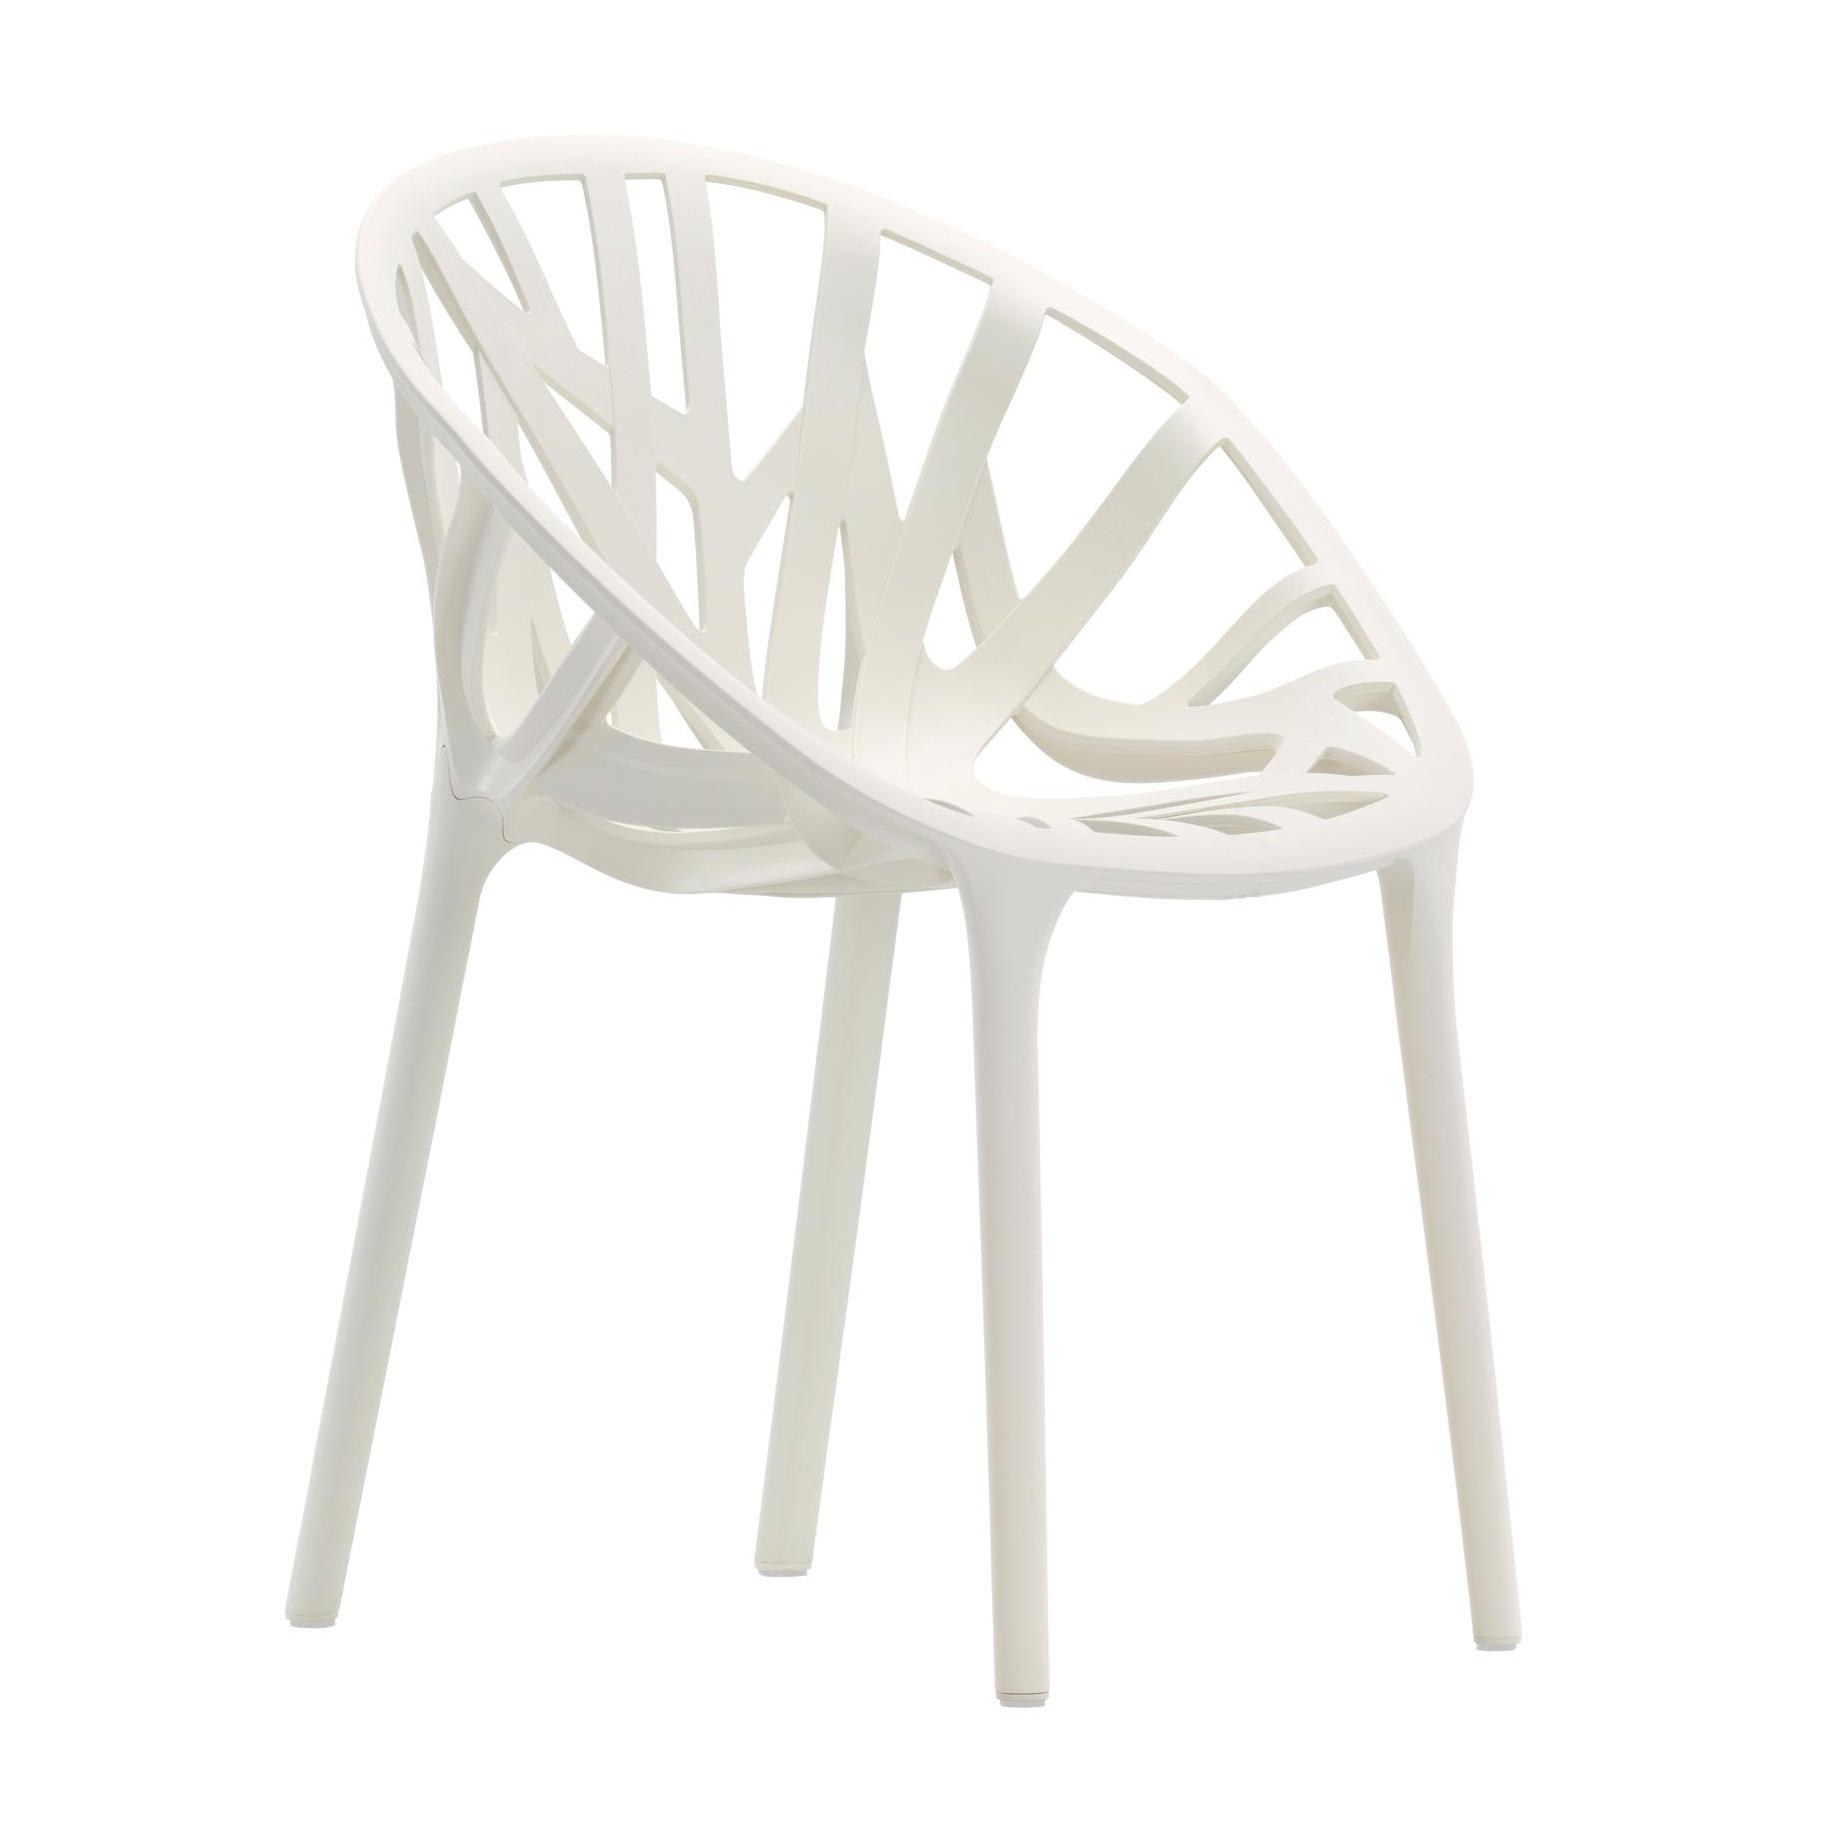 creme kunststoff gartenst hle online kaufen m bel. Black Bedroom Furniture Sets. Home Design Ideas